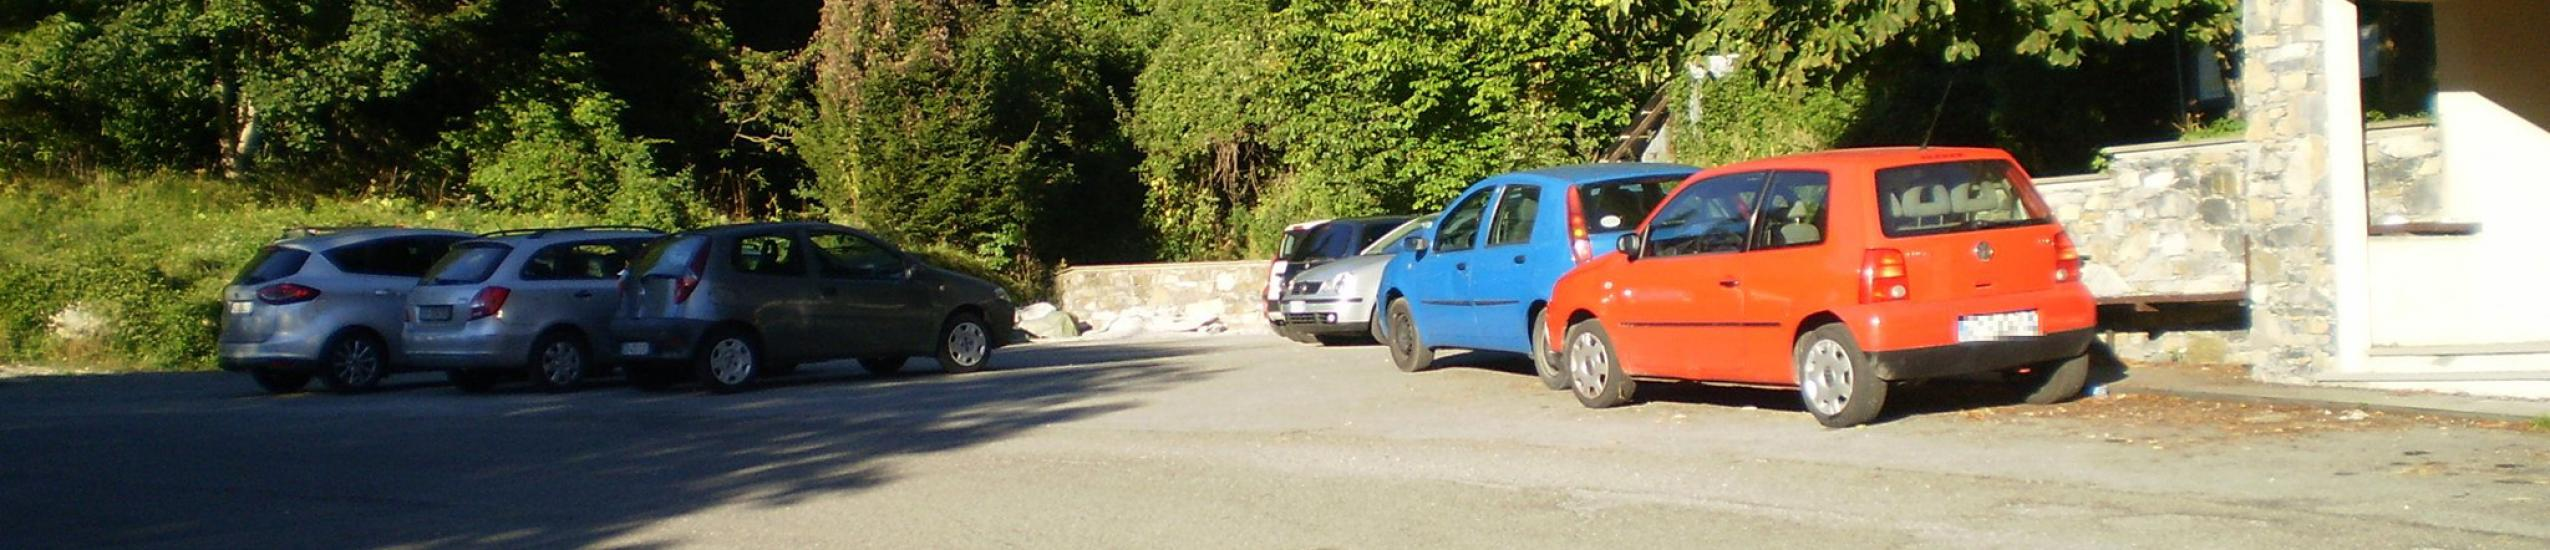 Piazza a parcheggio Bavastrelli